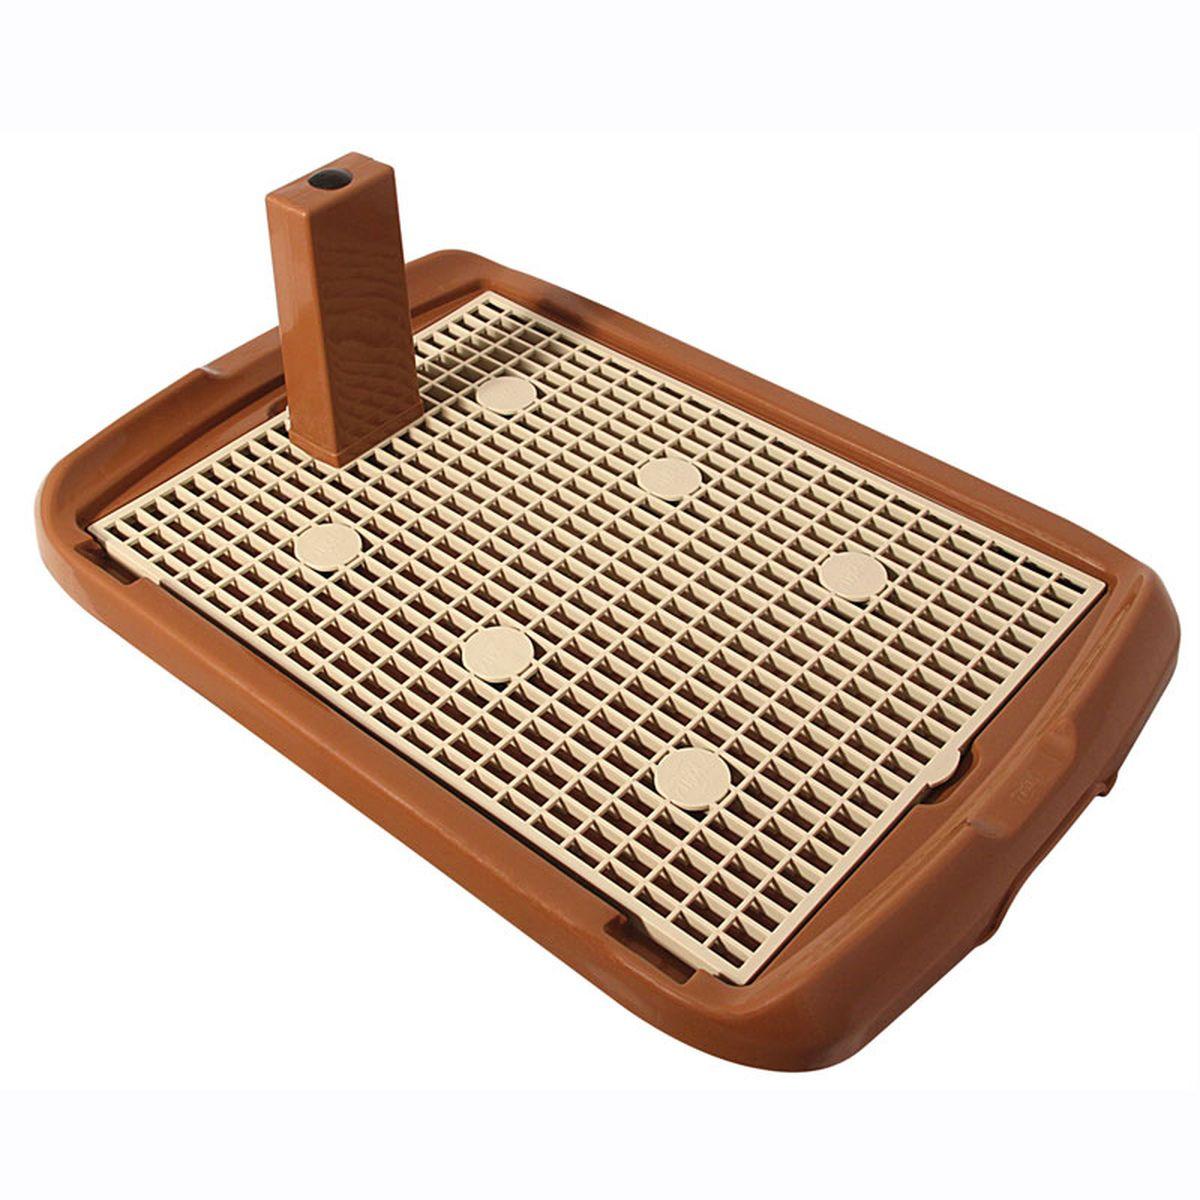 Туалет для собак Triol, со столбиком, 60 х 40 смМт-500Туалет предназначен для собак мелких и средних пород, а также для щенков. Столбик закрепляется на сетке (В ЛЮБОМ УДОБНОМ ВАШЕМУ ЖИВОТНОМУ МЕСТЕ), при необходимости его можно снять. Под сетку кладется впитывающая пеленка, поэтому лапы остаются сухими. Сетка мягкая, эластичная, приятная на ощупь, изготовлена из качественной резины.